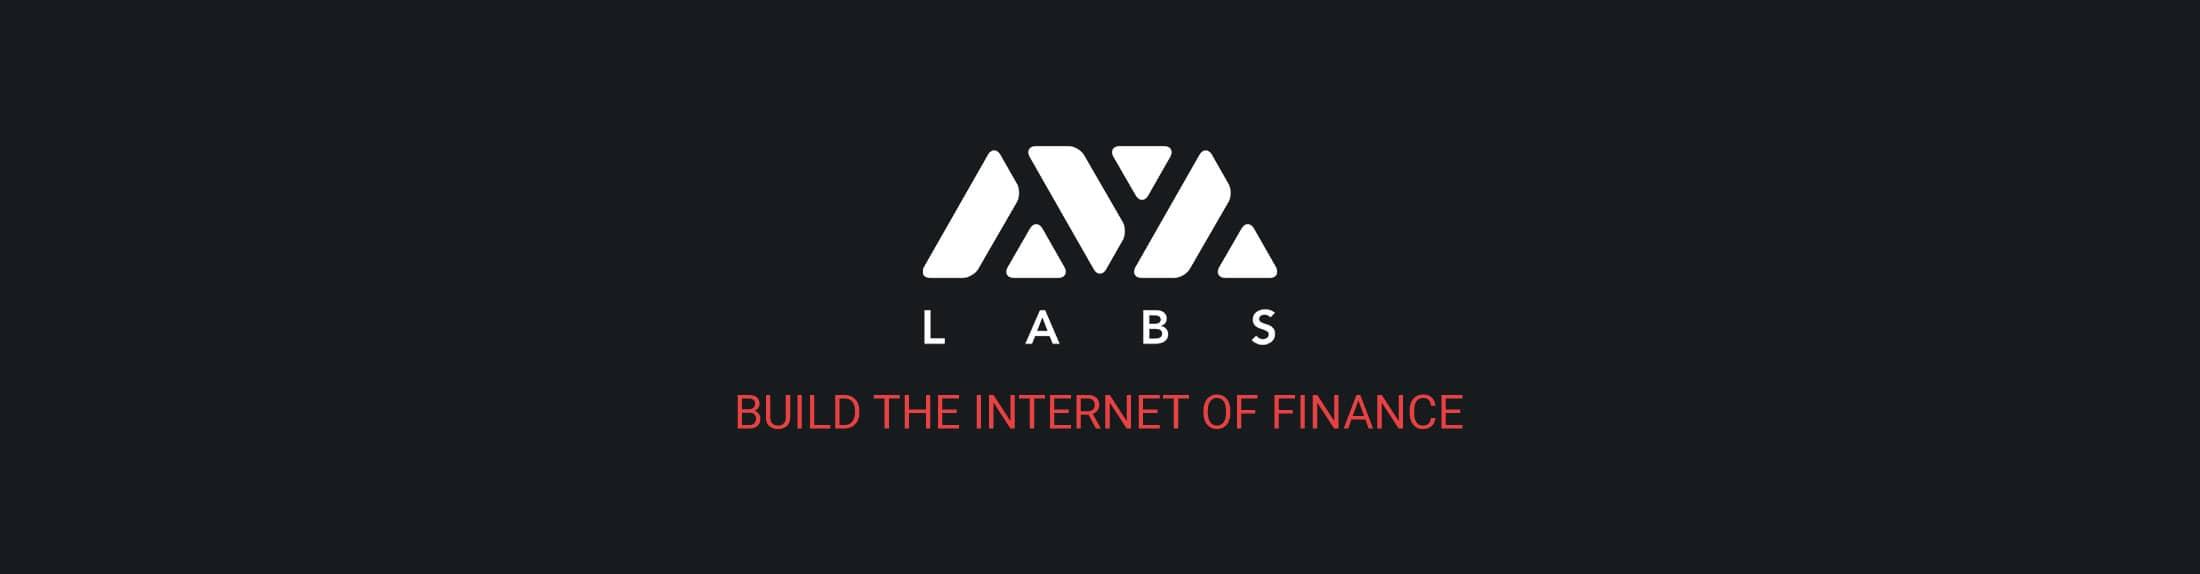 ارز AVAX و بلاک چین اولانچ